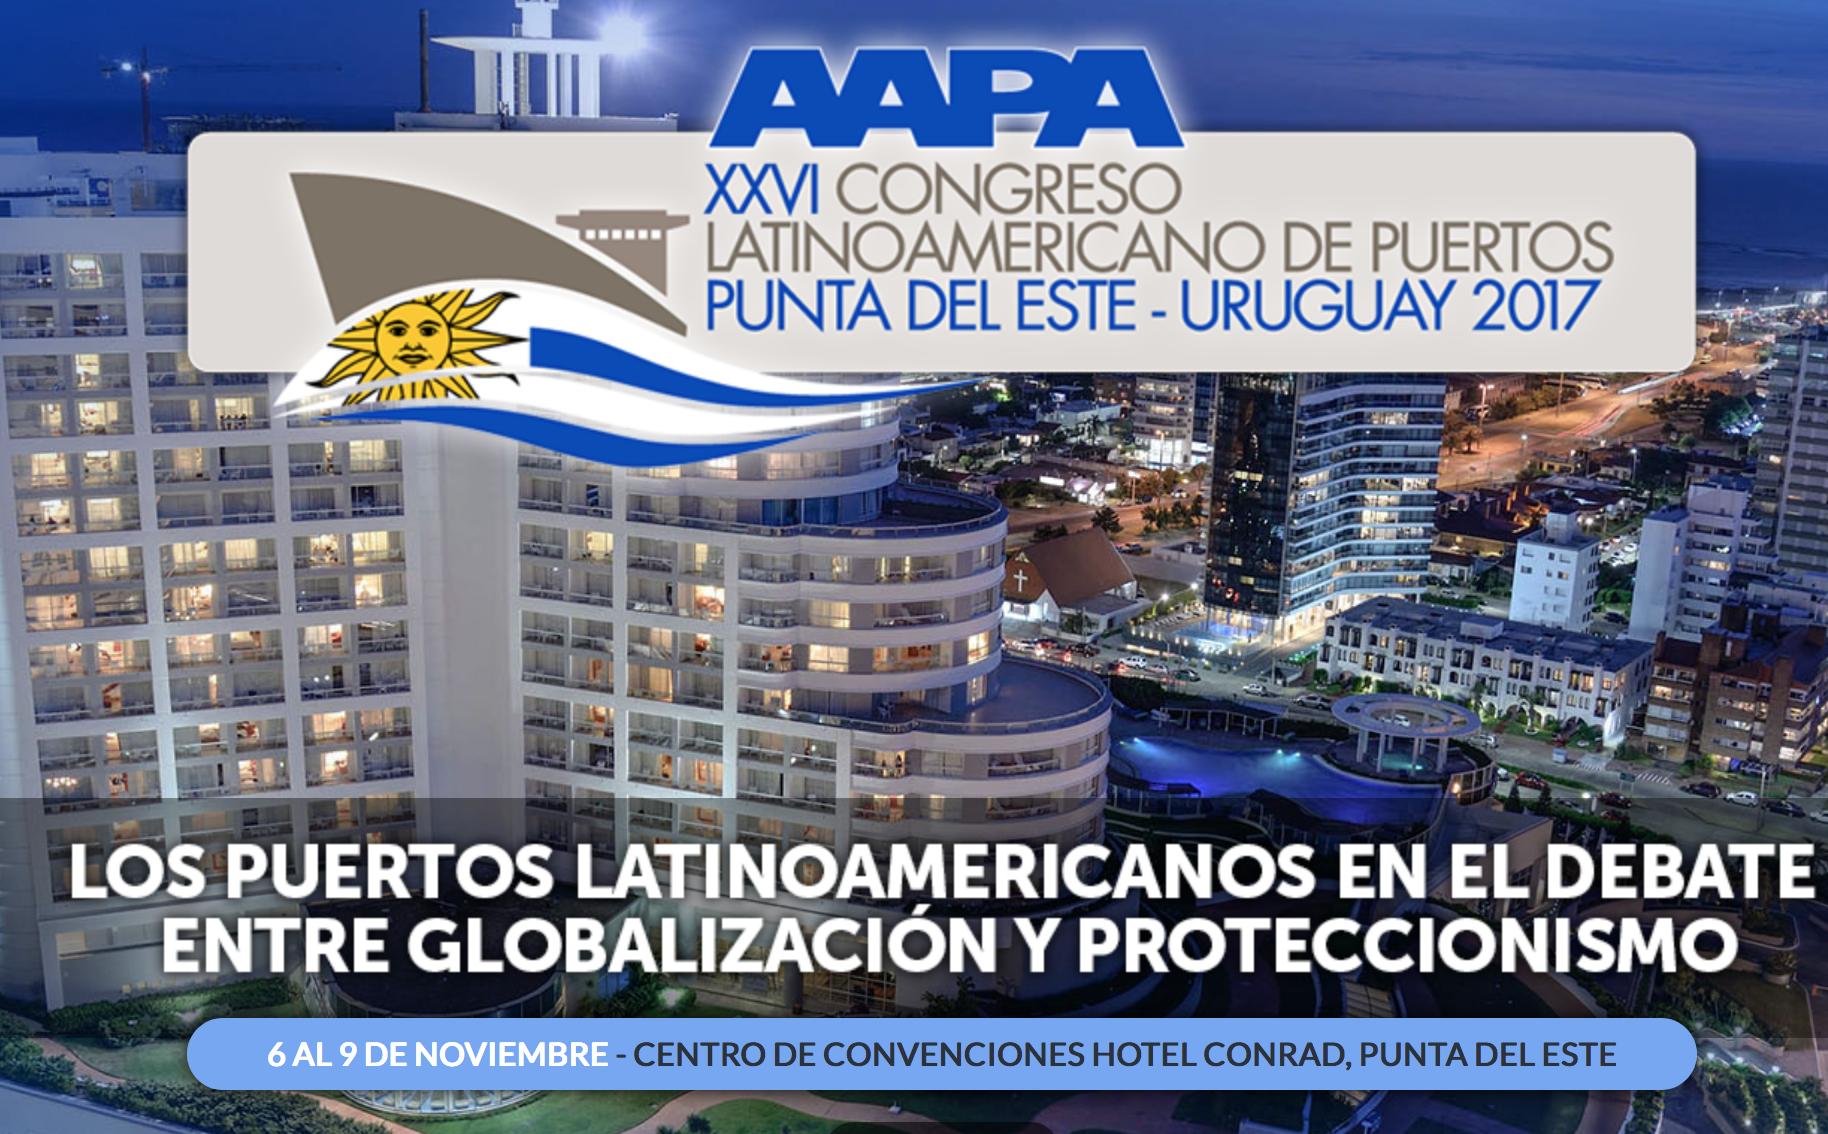 Congreso Latinoamericano de Puertos